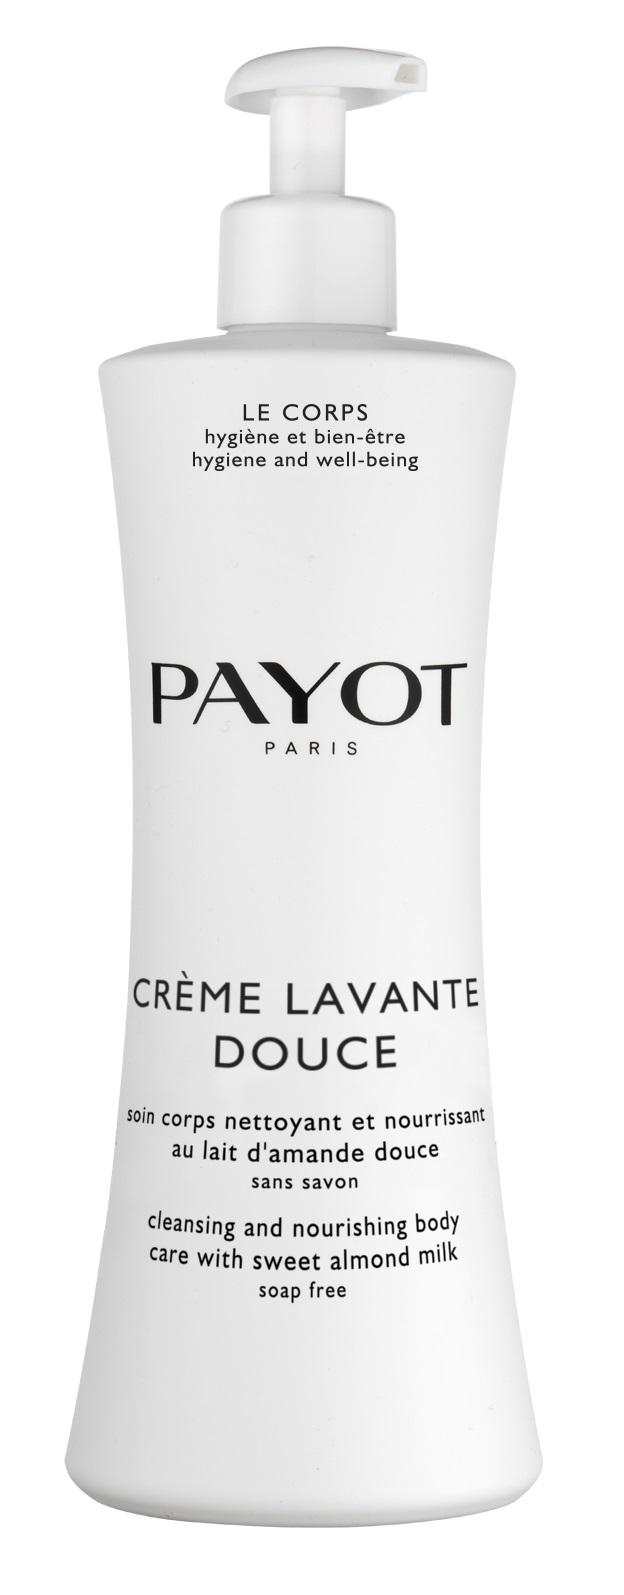 PAYOT Крем-пенка очищающая для тела / LE CORPS 400 мл кремовый скраб для тела 200 мл payot 8 марта женщинам